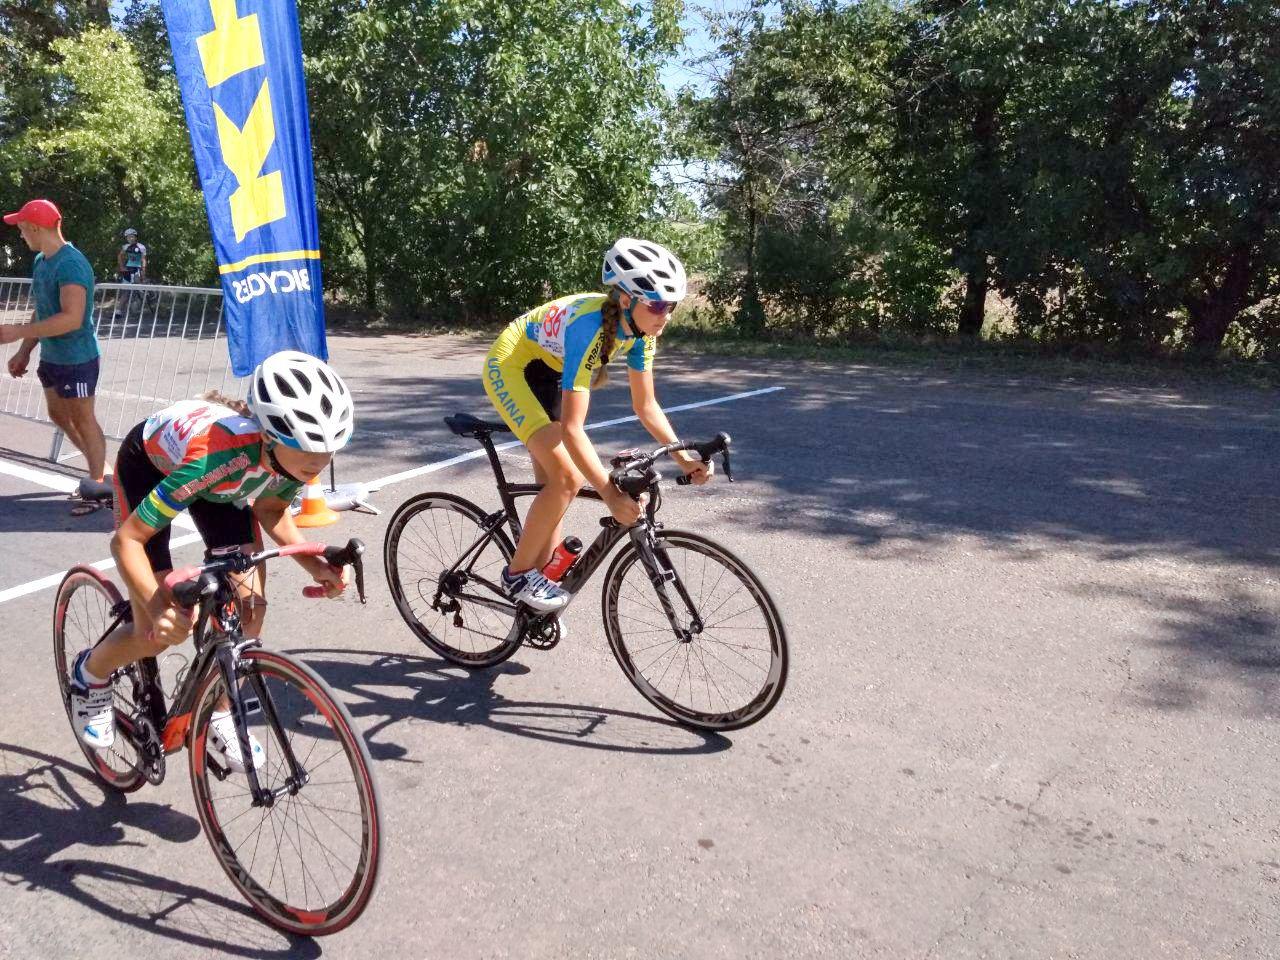 Хмельничани привезли нагороди з чемпіонату України з велосипедного спорту, фото-6